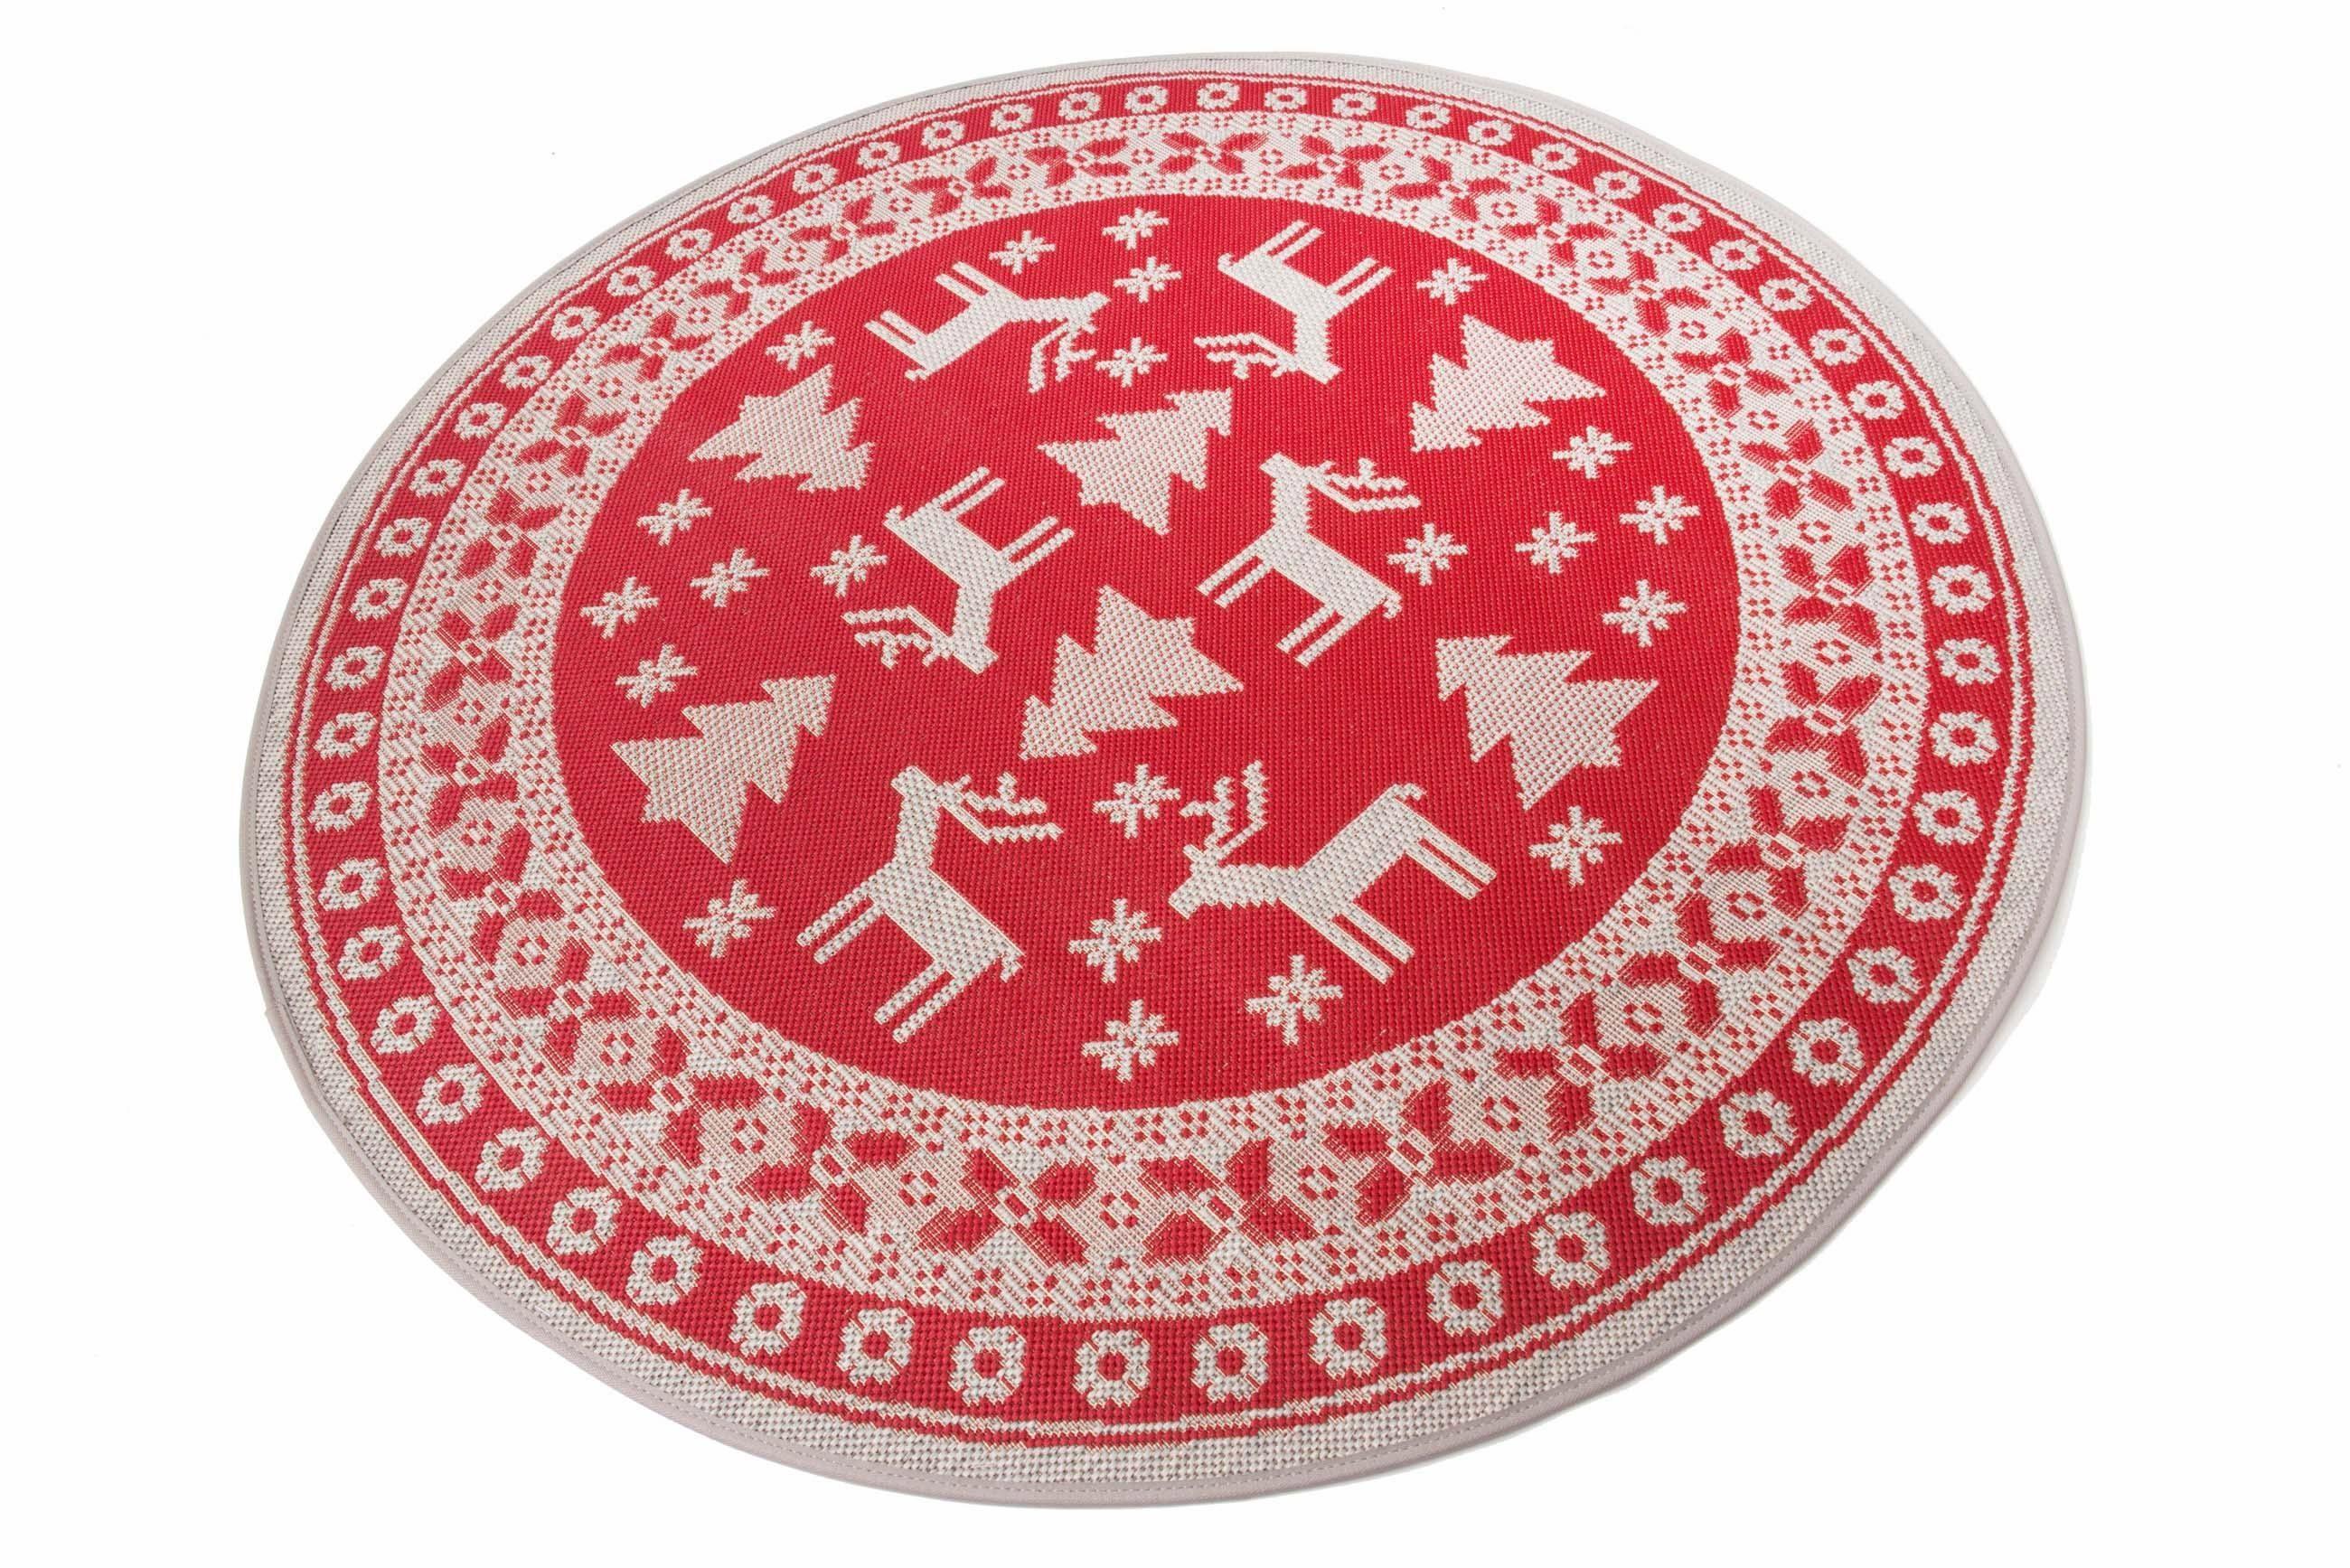 Teppich »Weihnachtsteppich«, Teppich Kontor Hamburg, rund, Höhe 5 mm, abwaschbar